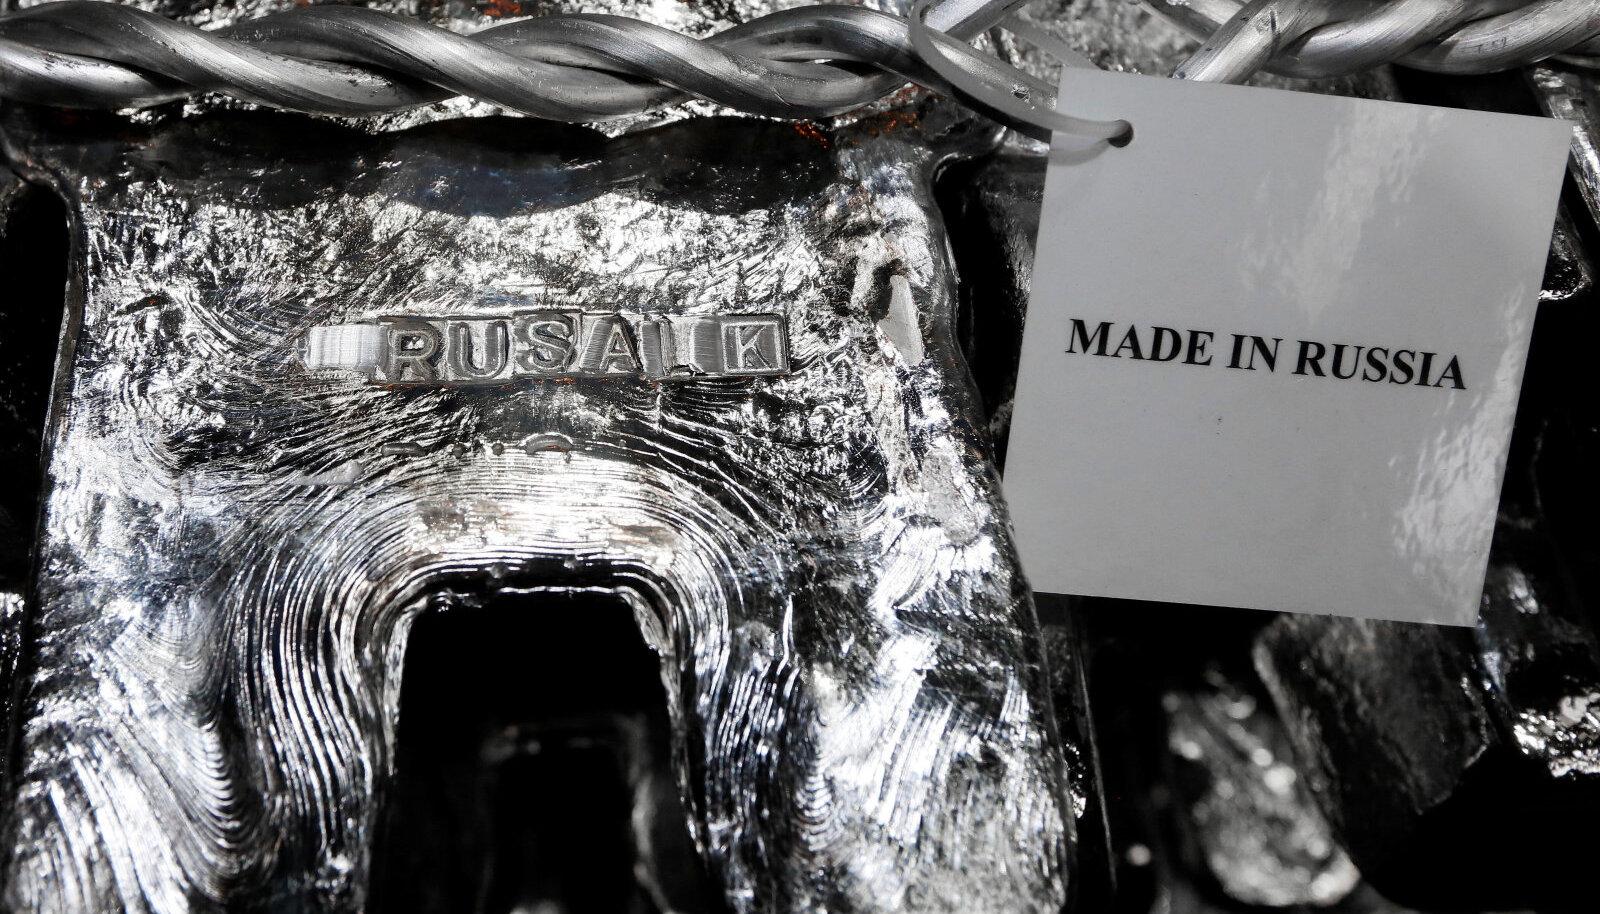 Rusali alumiinium